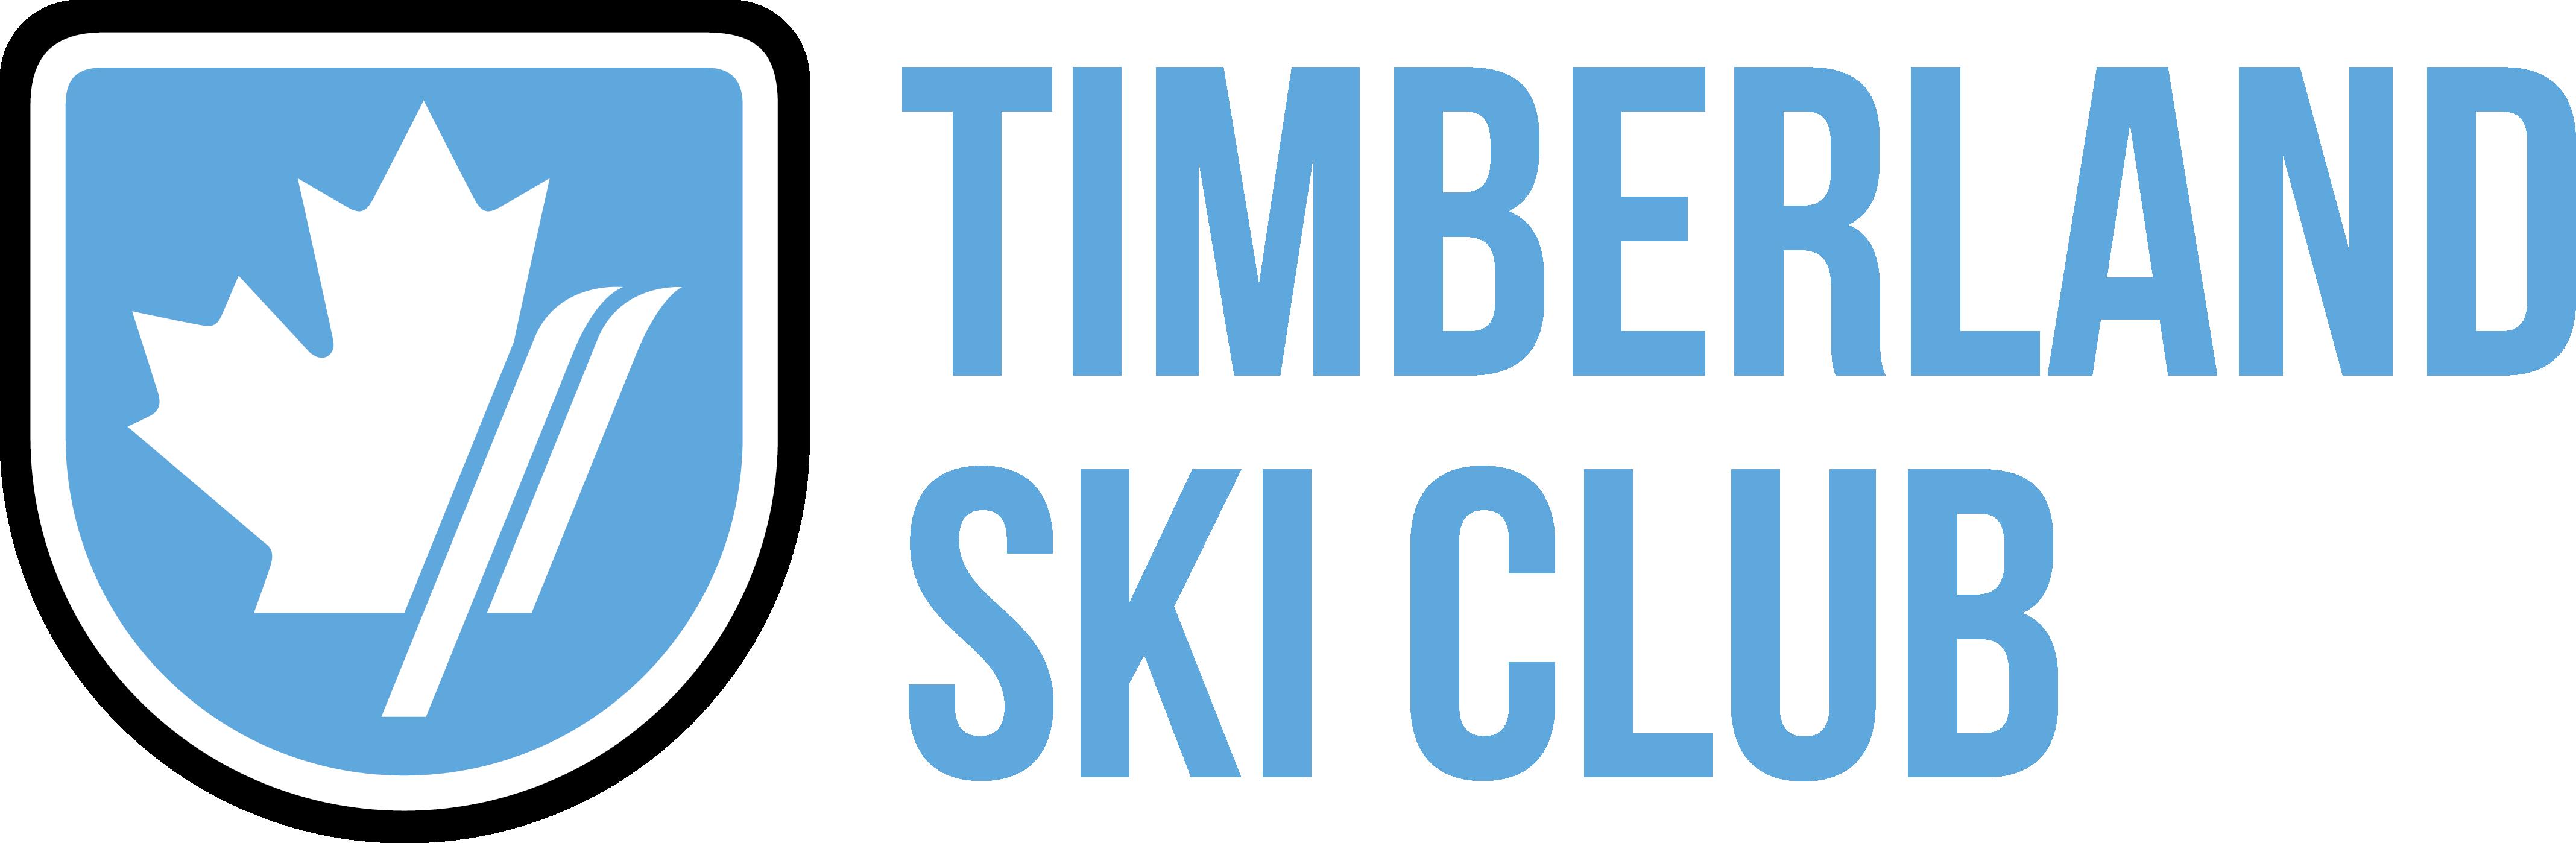 Timberland Ski Club